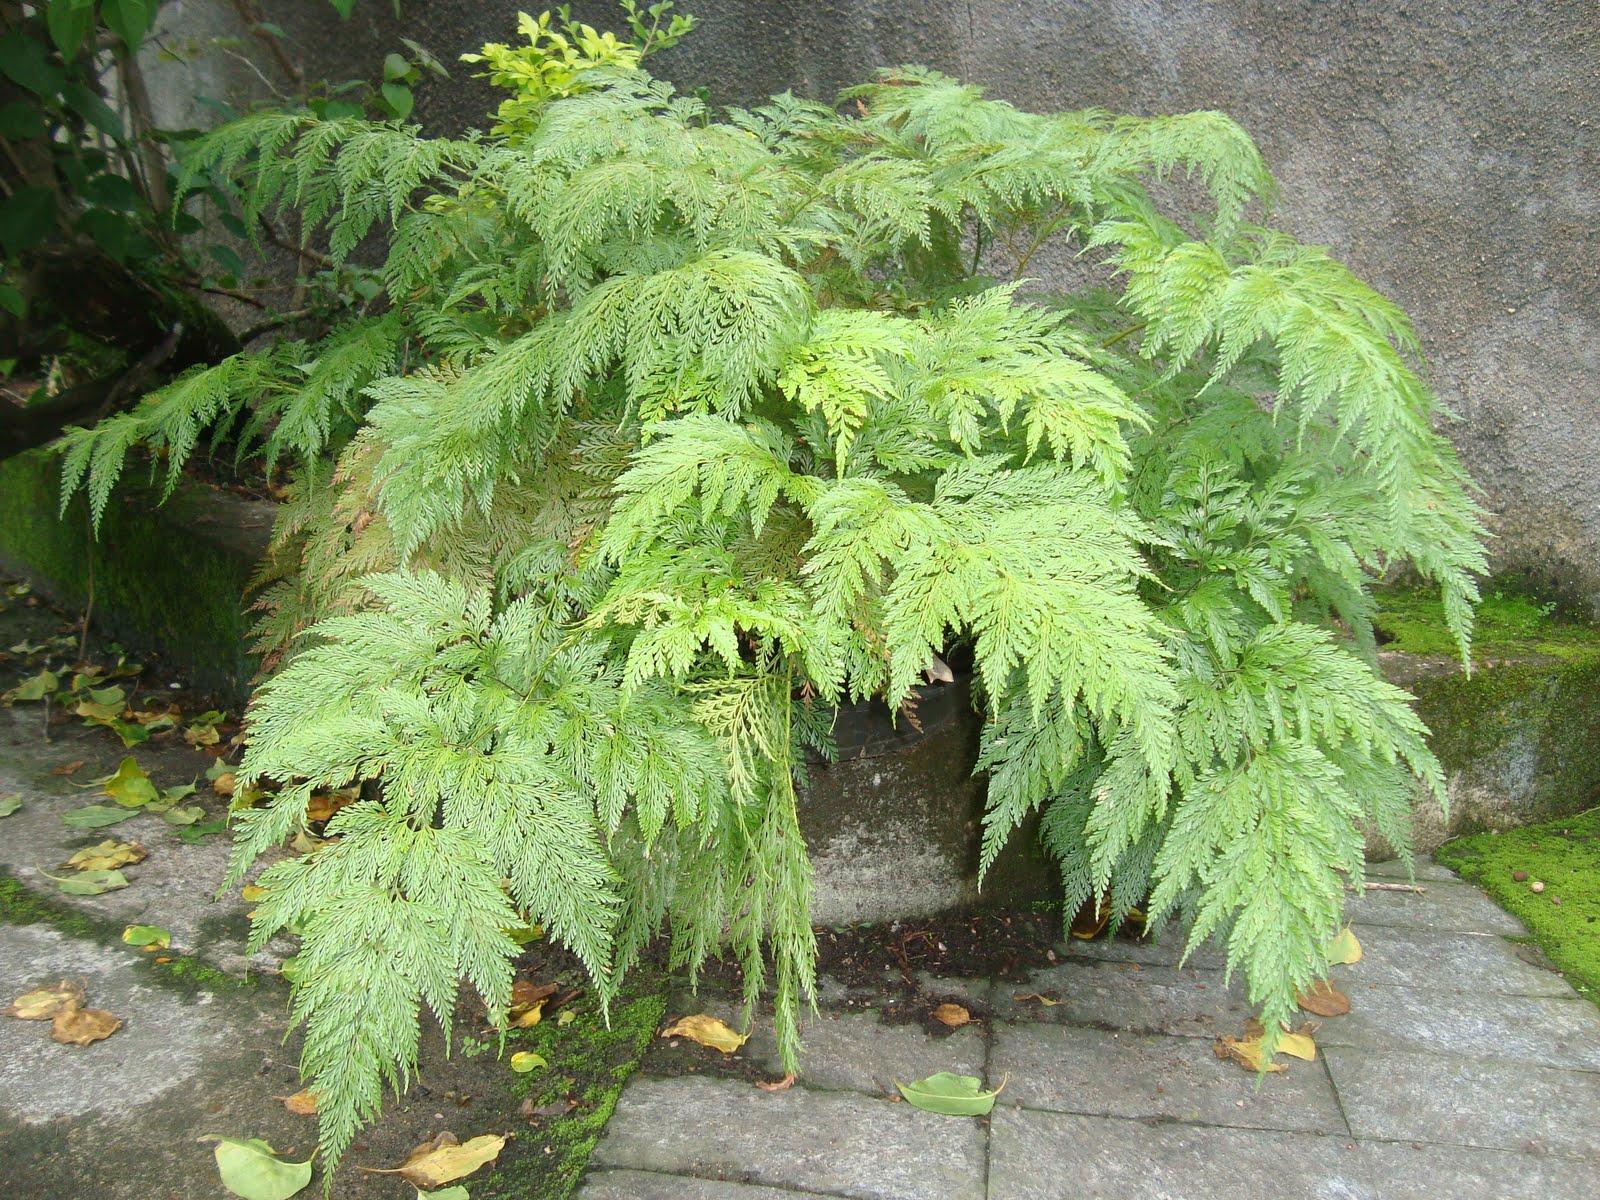 plantas jardim vertical meia sombra : plantas jardim vertical meia sombra:Os Paisagistas: Plantas ornamentais de sombra